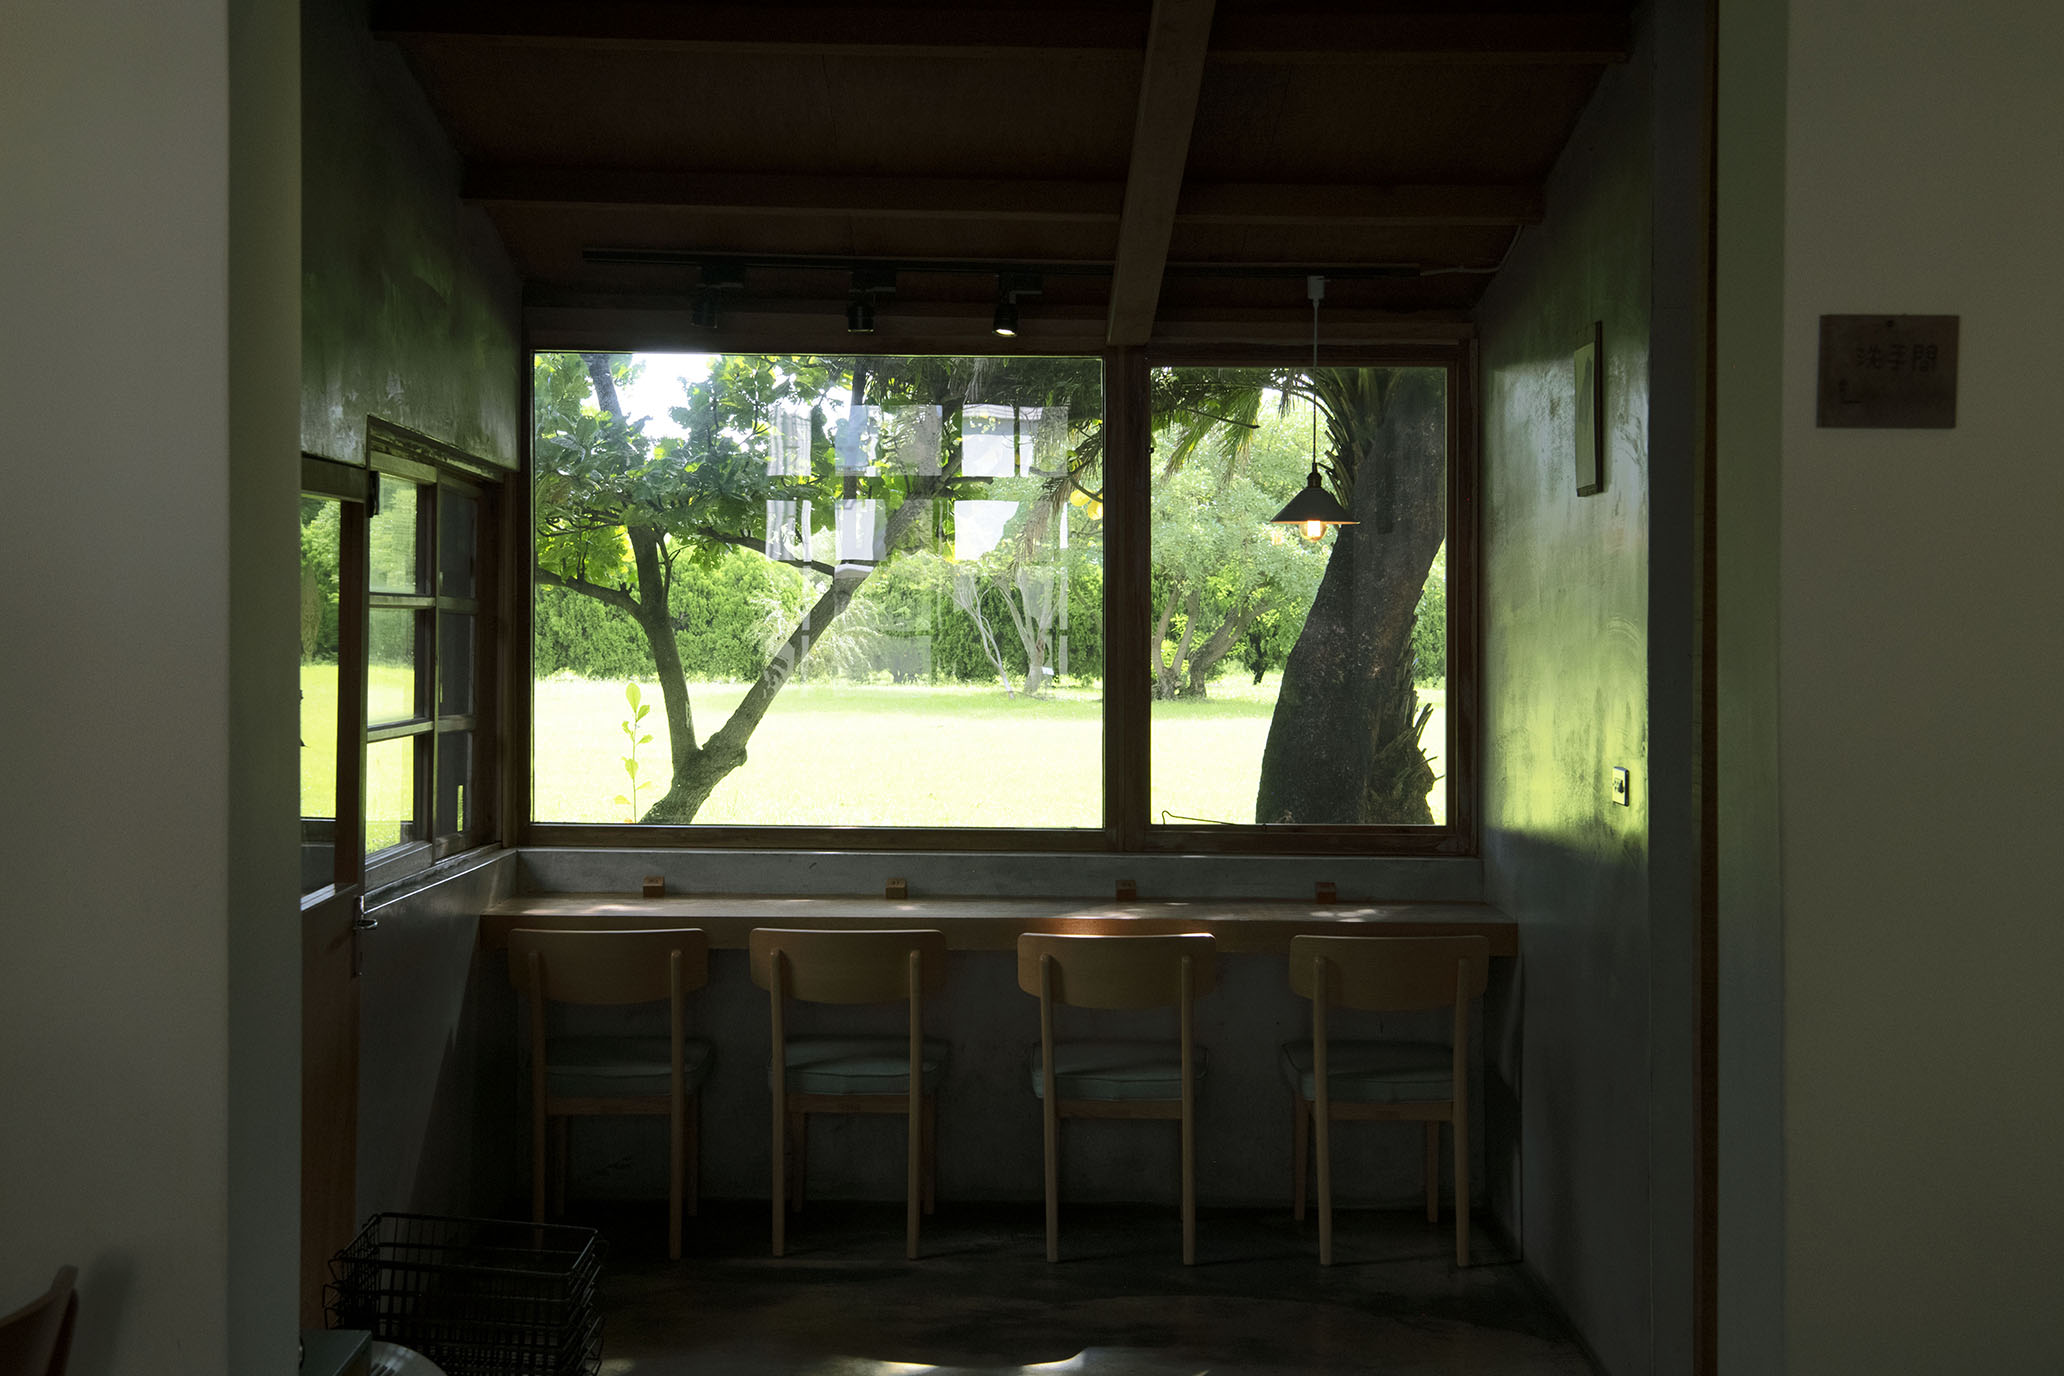 網站近期文章:花蓮森山舍|愜意的家常麵包餐,巧遇了喜歡的日常。